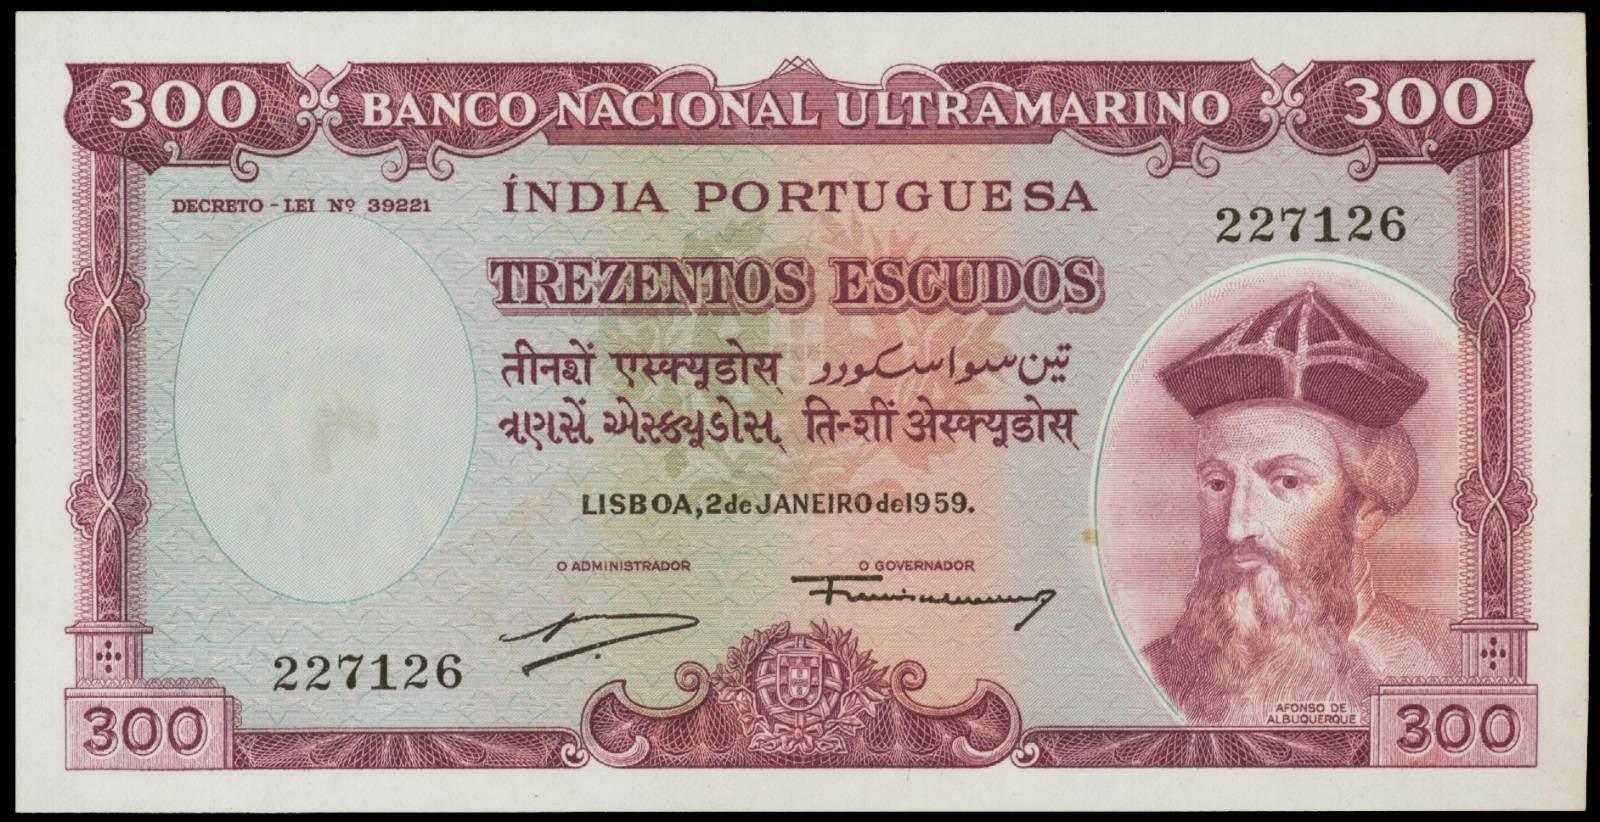 Portuguese India banknotes 300 Escudos note 1959 Afonso de Albuquerque